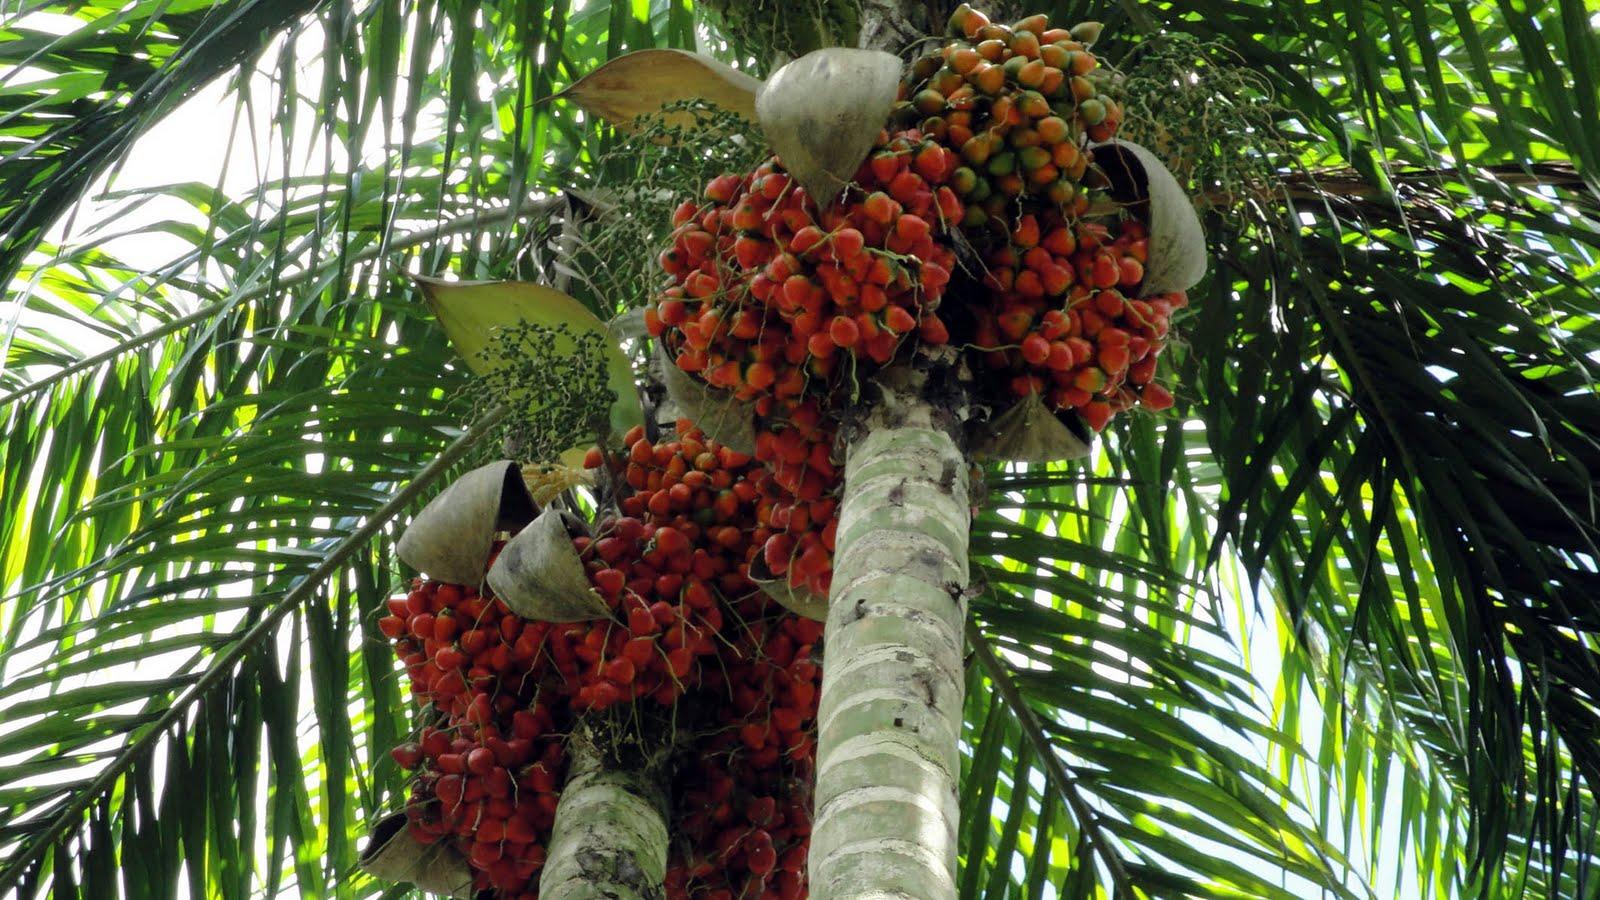 Palmeira pupunha se destaca como matéria-prima do palmito